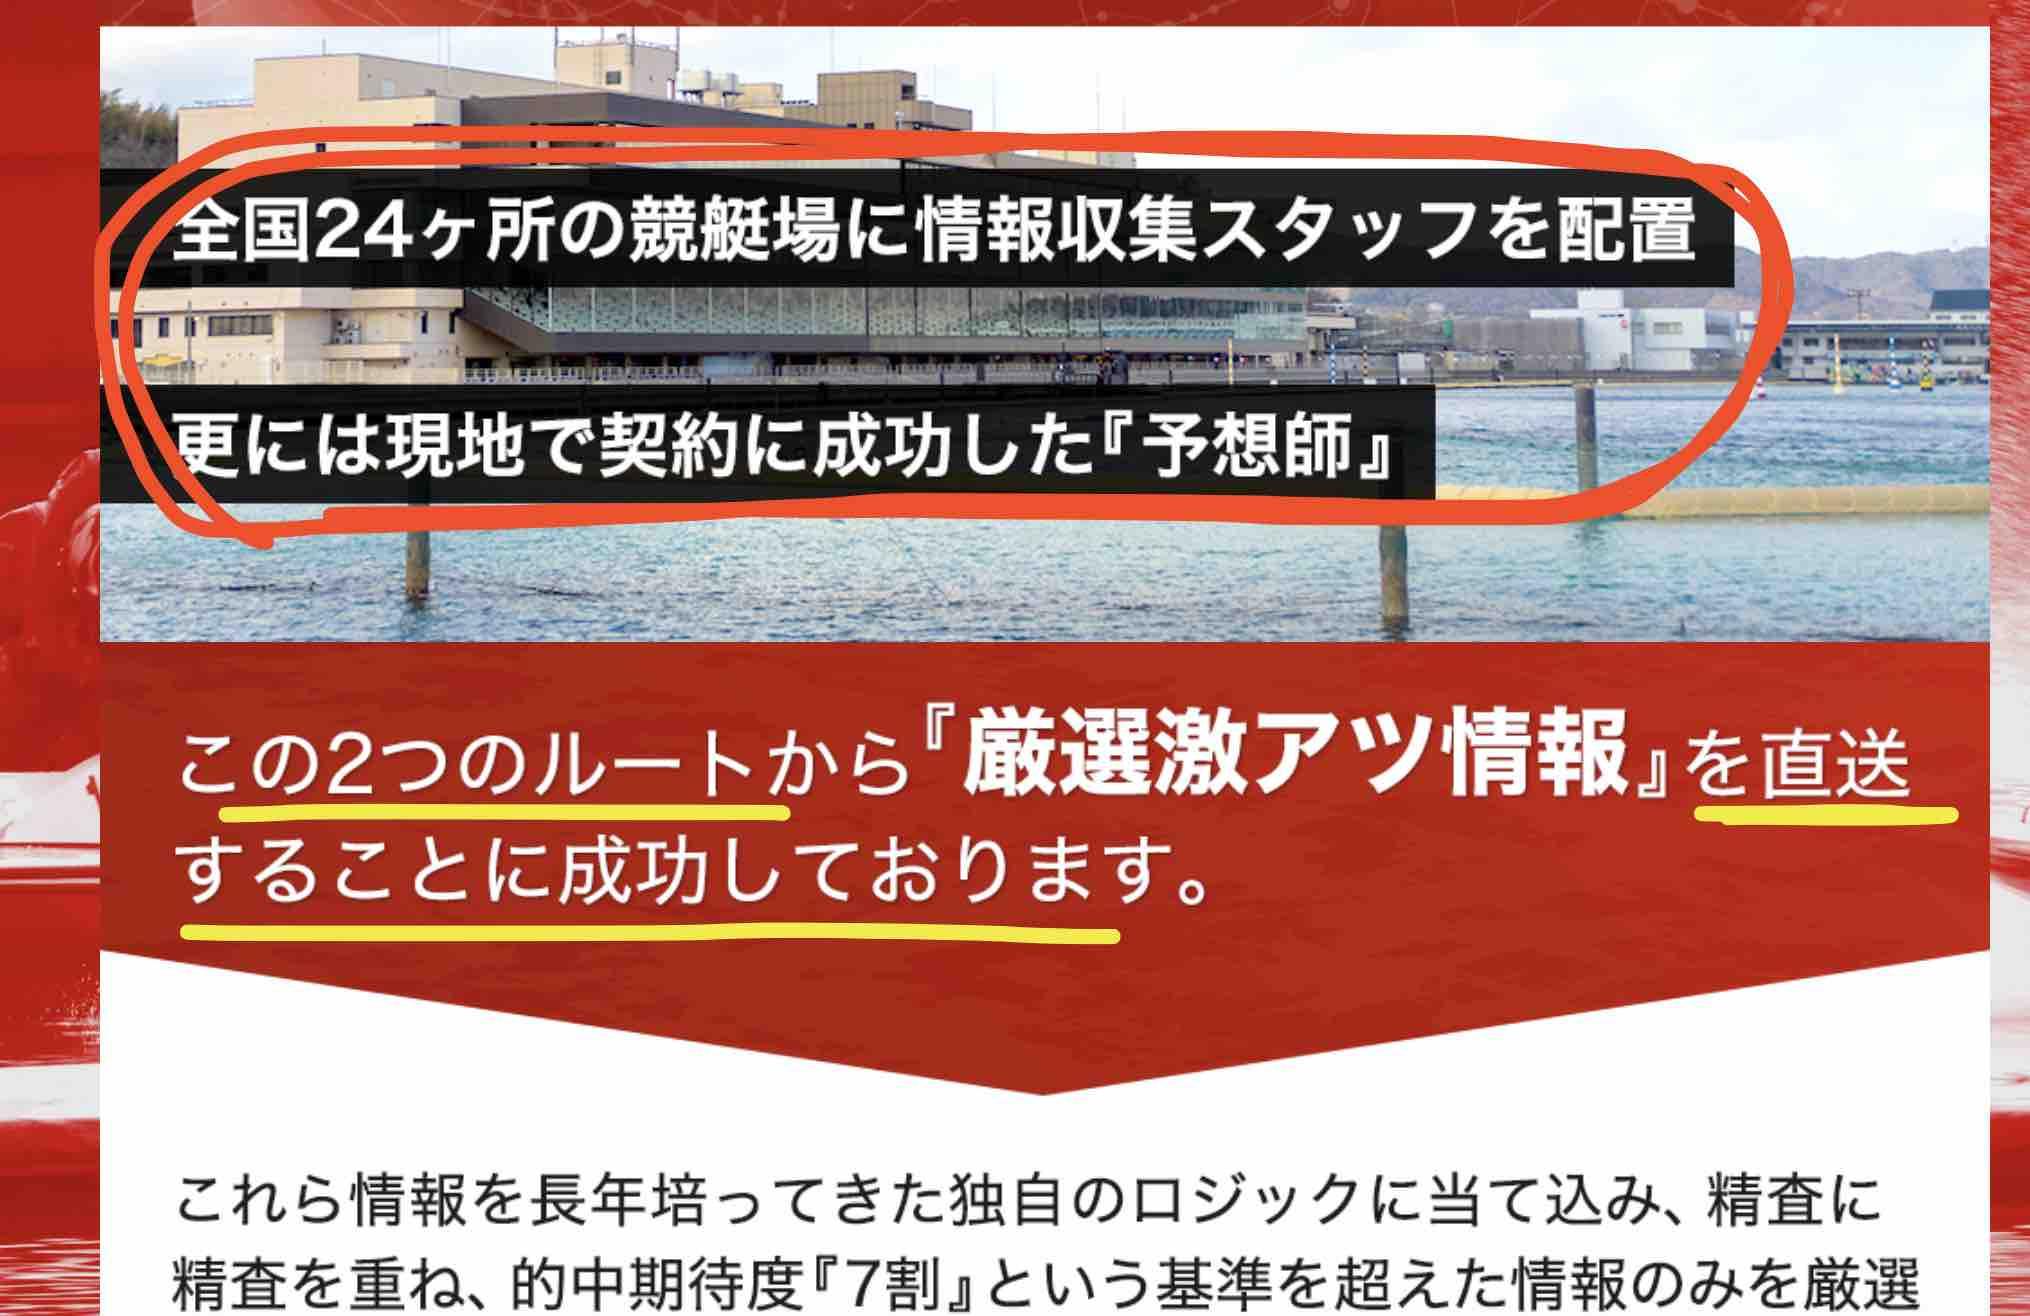 船の時代(舟の時代)でも「全国24ヶ所の現地スタッフ」と言うが嘘だと思われる